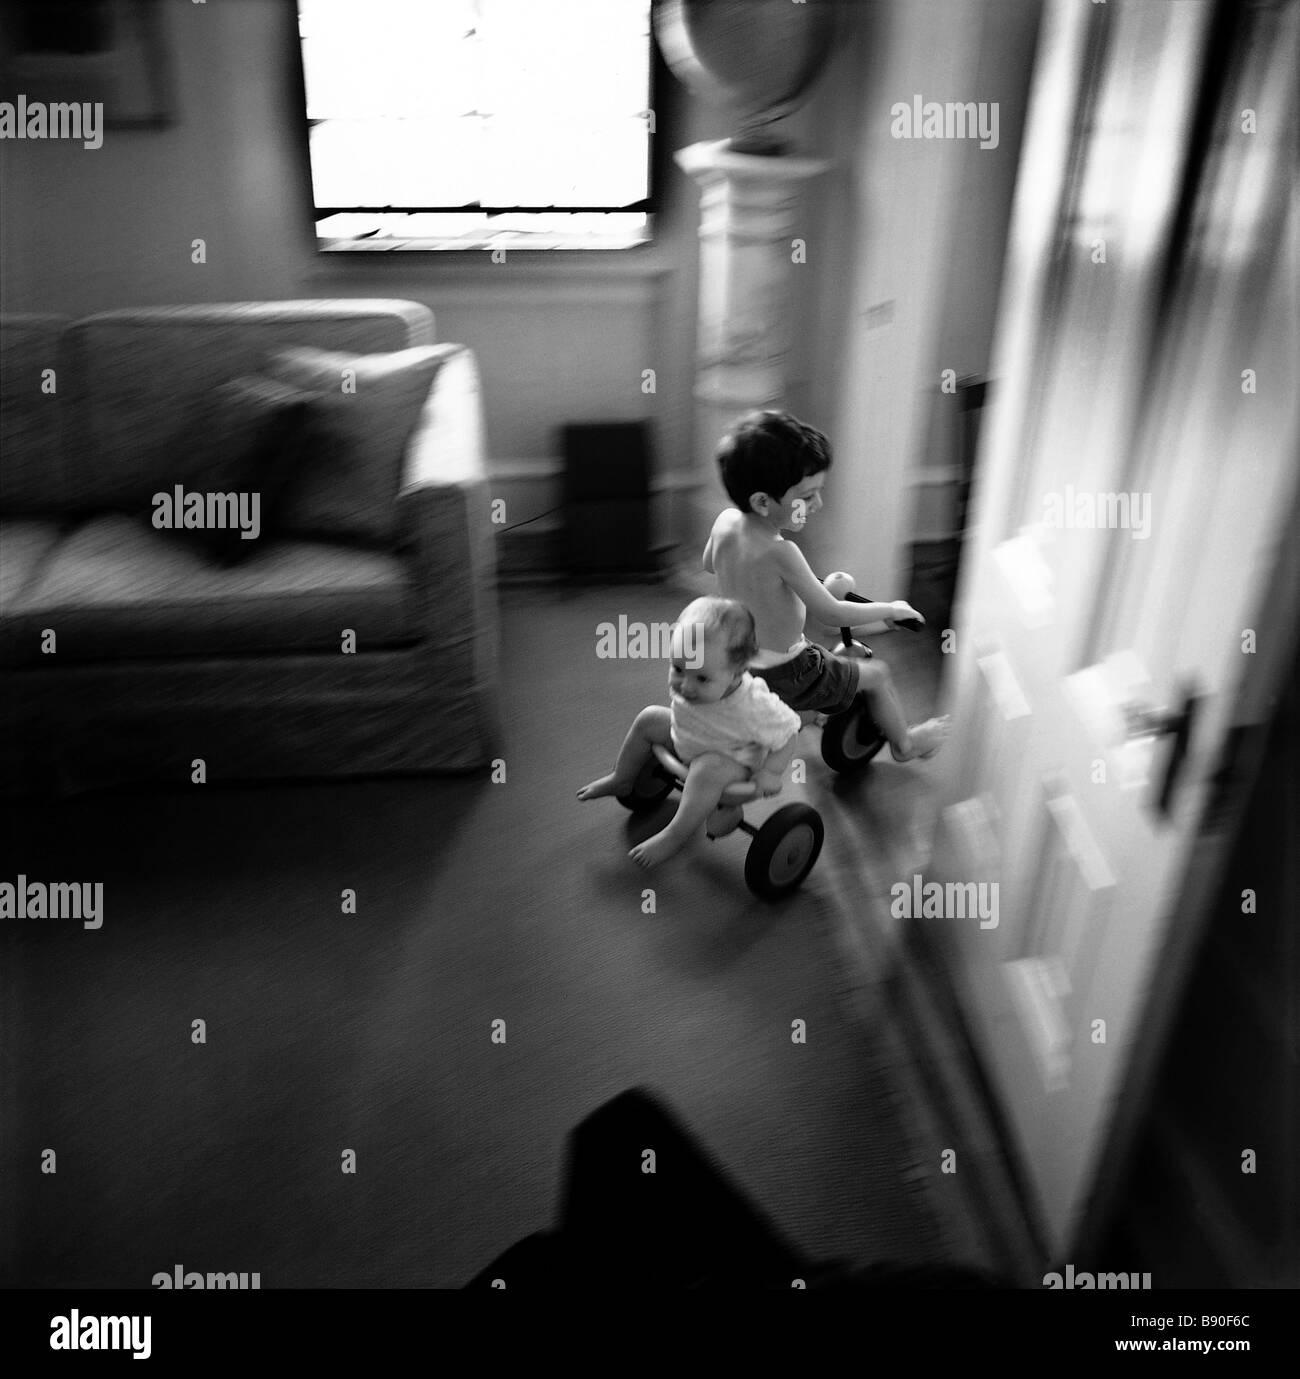 FL2671, NICK KELSH; bambini triciclo cavalcando attraverso la casa Immagini Stock